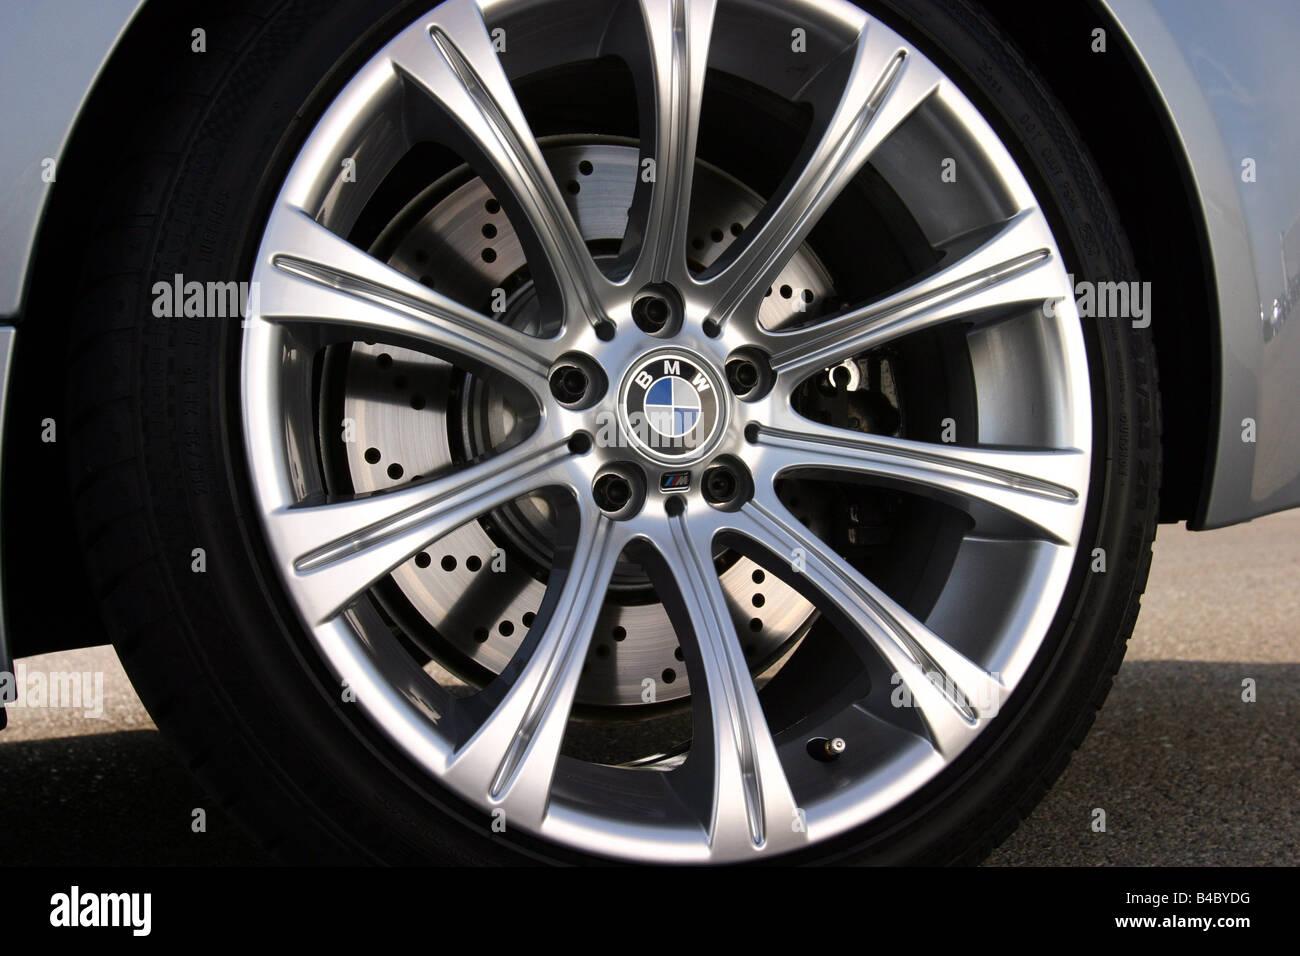 Car Bmw M5 Model Year Stockfotos & Car Bmw M5 Model Year Bilder - Alamy